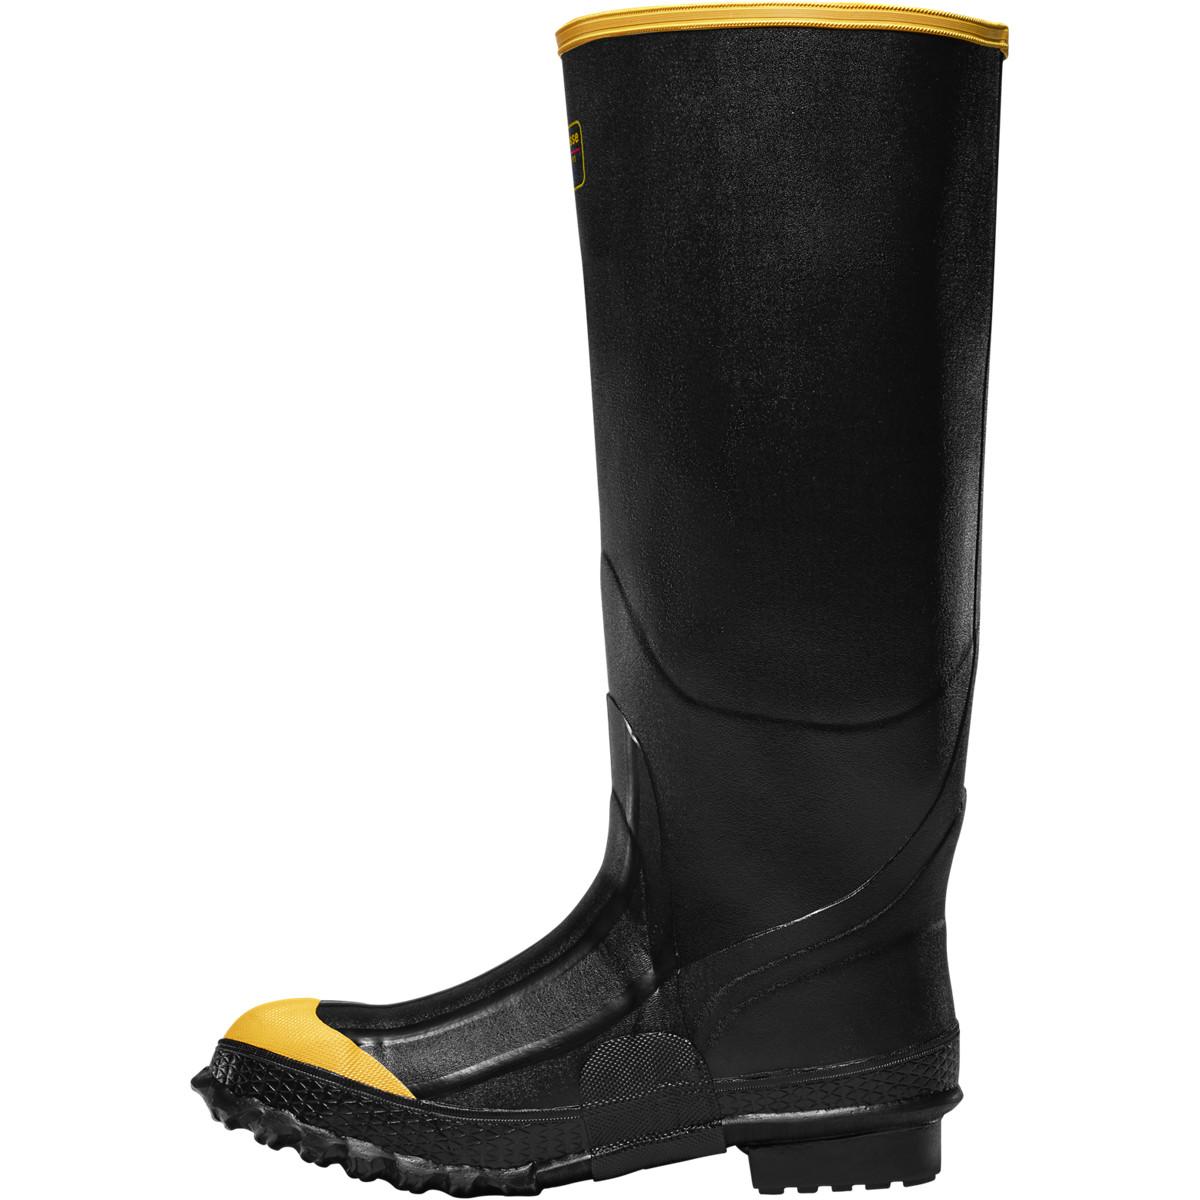 ac27c093c4f LaCrosse Footwear - Premium Knee Steel Toe